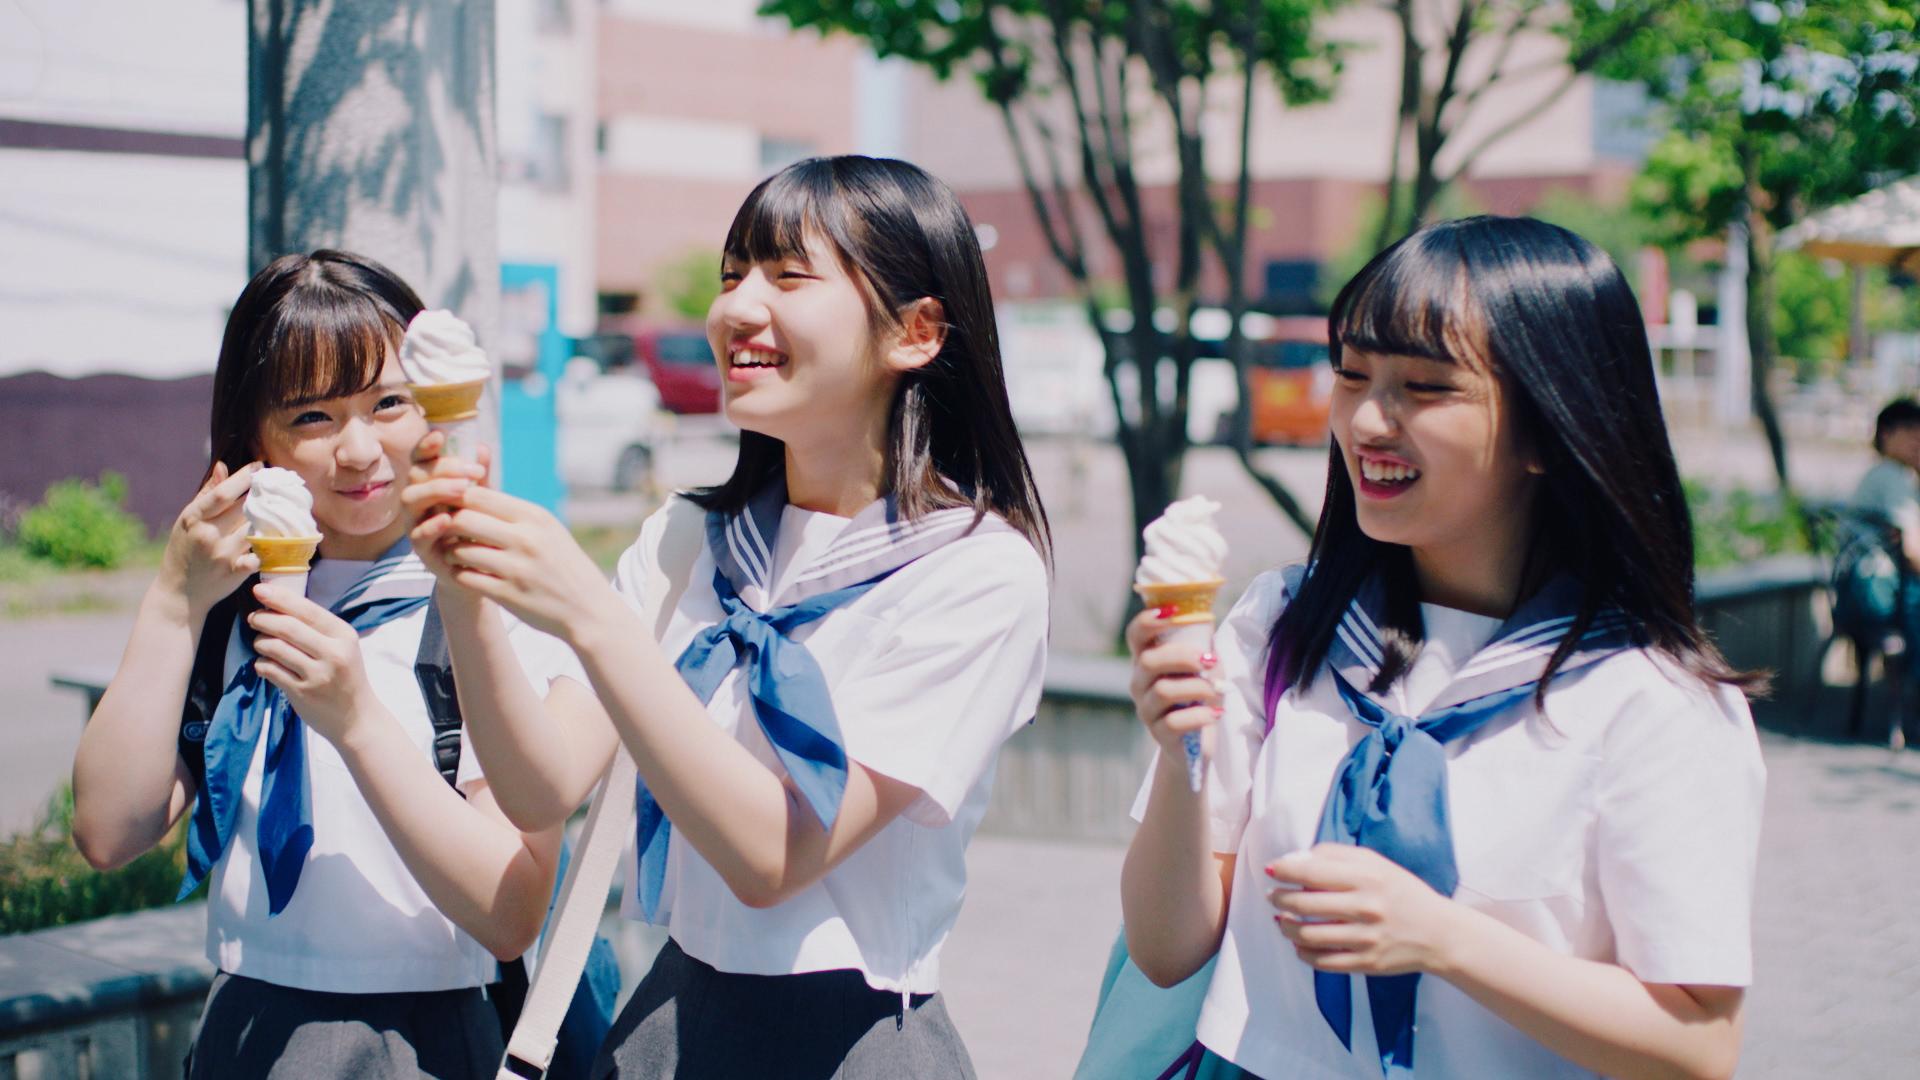 倉野尾成美(左)村山彩希(中央)向井地美音(右)